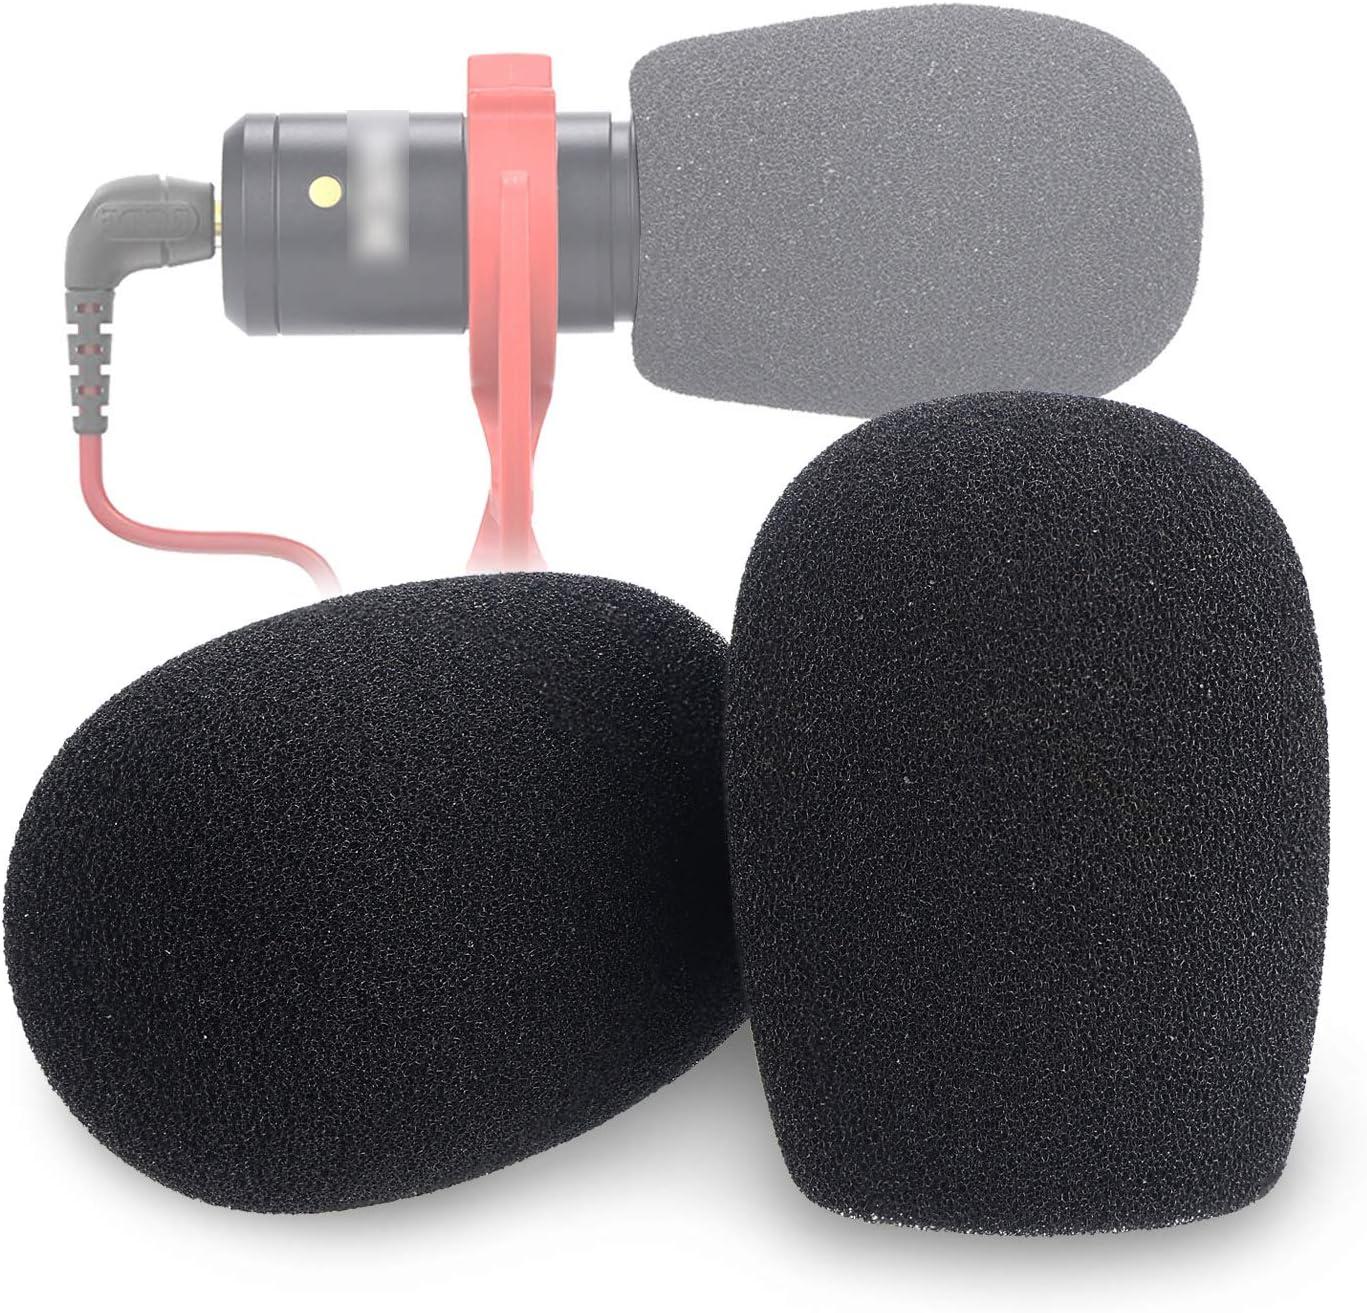 2 Pack Foam /& Furry Wind Muff for Rode VideoMicro and VideoMic Me Me-L Mic YOUSHARES VideoMicro Microphone Foam windscreen /& Deadcat Wind Shield